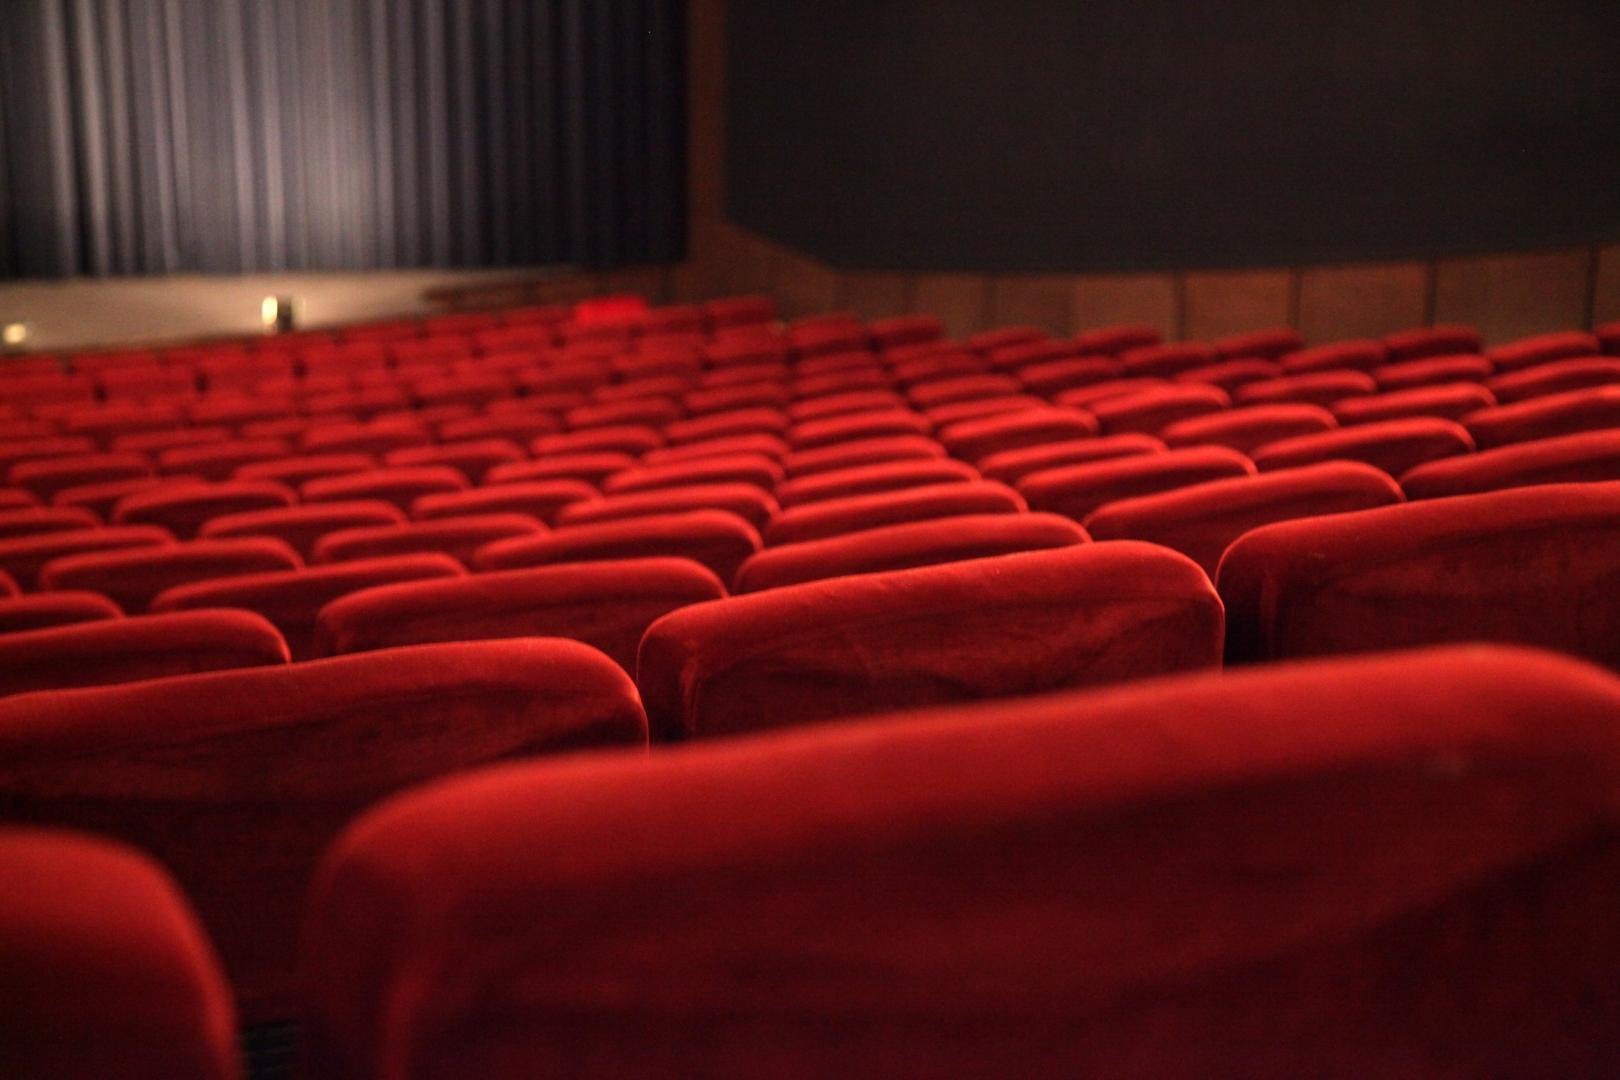 Cinéma, Landerneau – LE ROHAN – Projection cinématographique